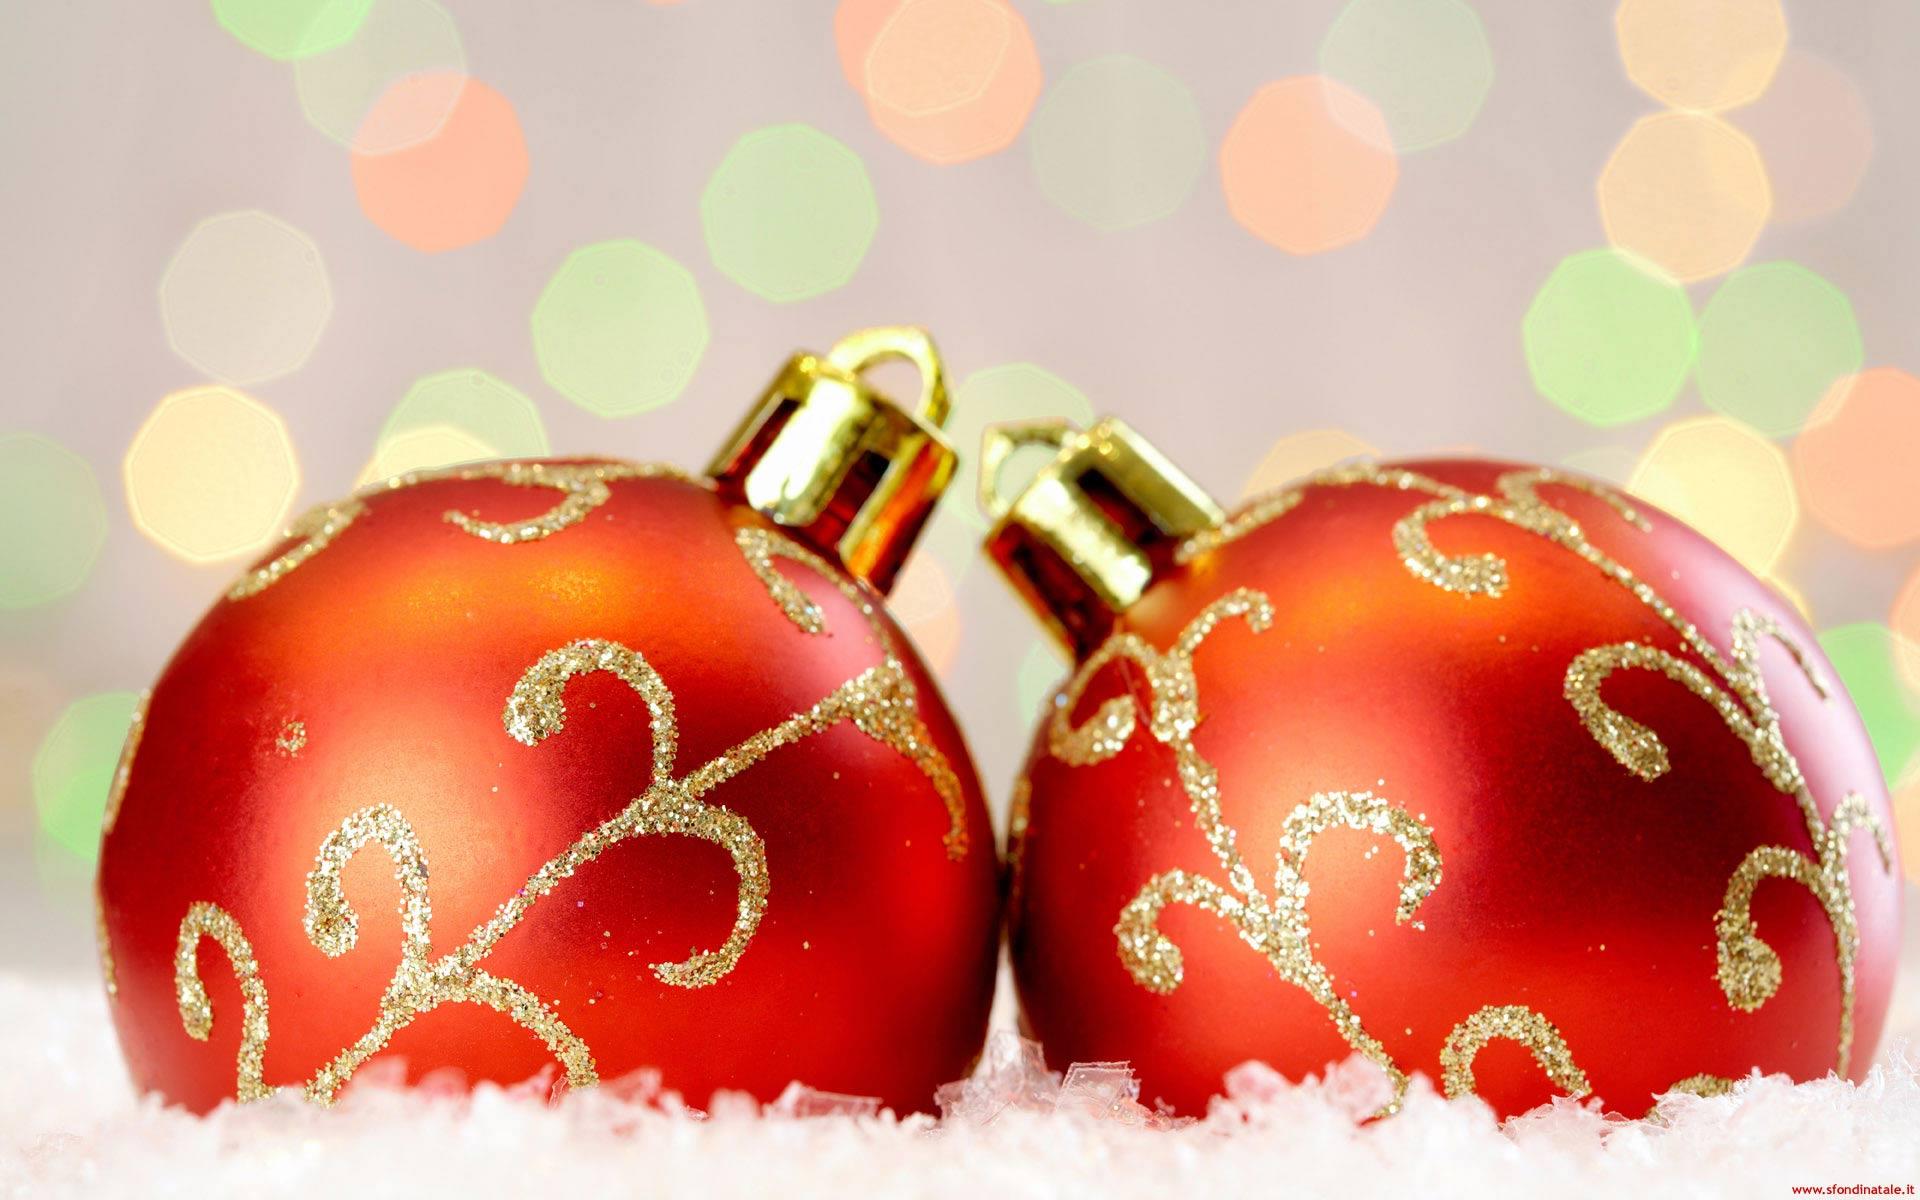 Sfondi Natale - Sfondo Palline di Natale rosse